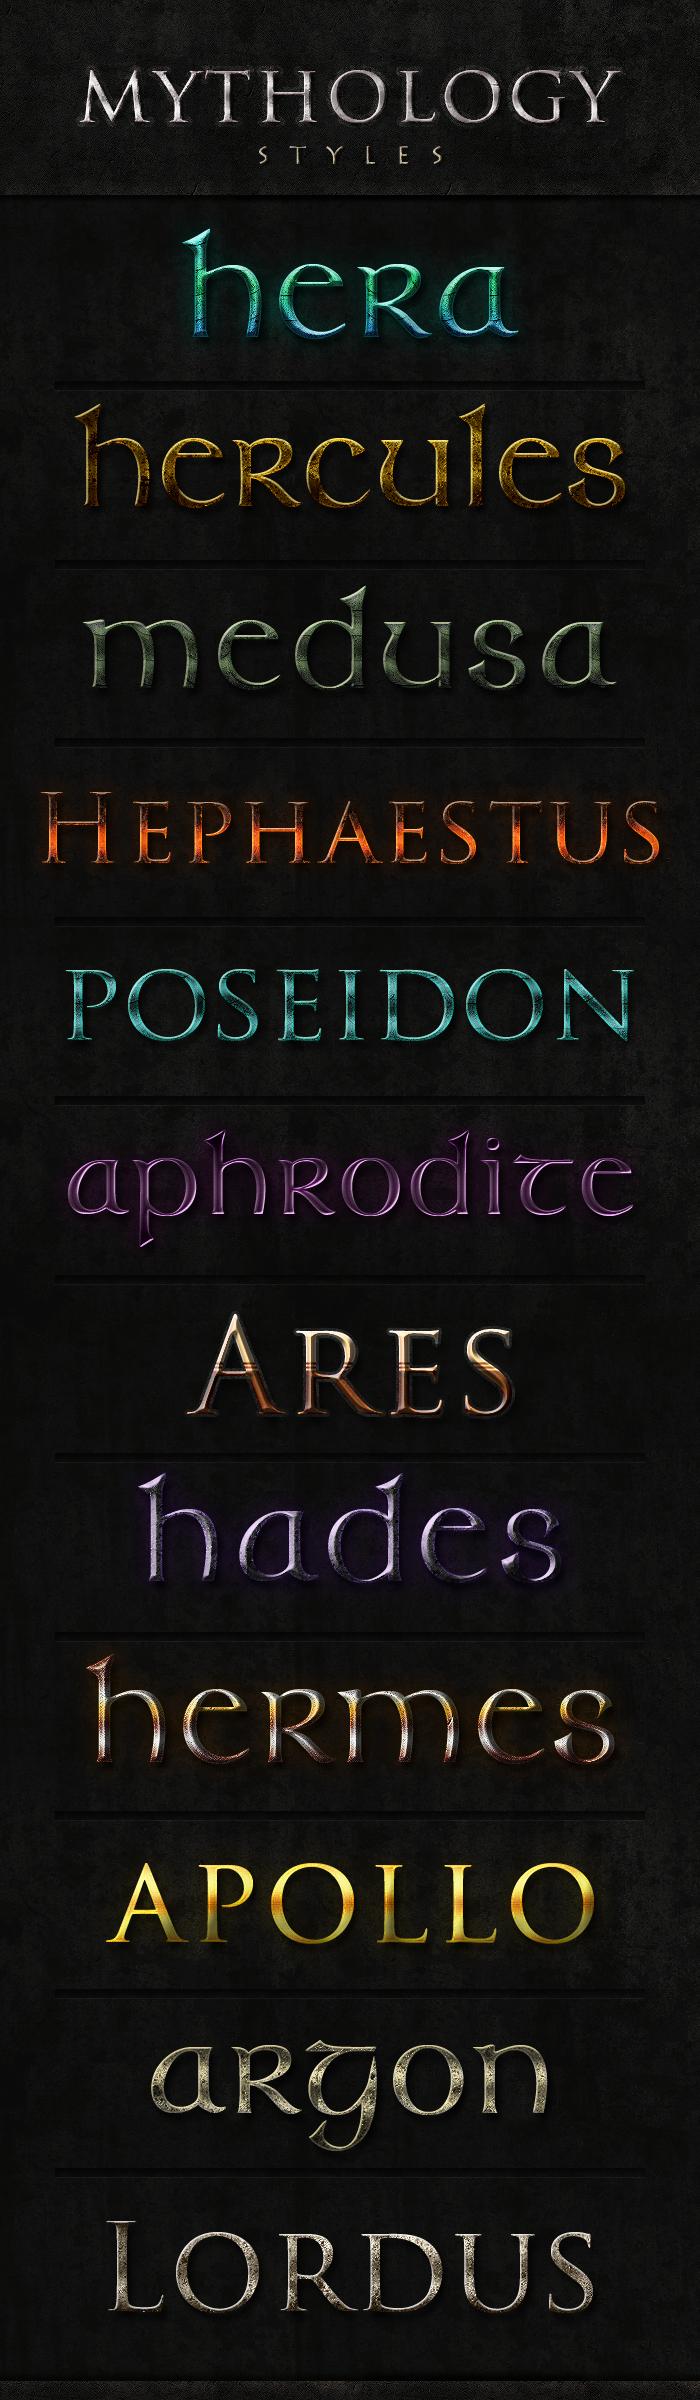 Mythology Styles by obsessiv3